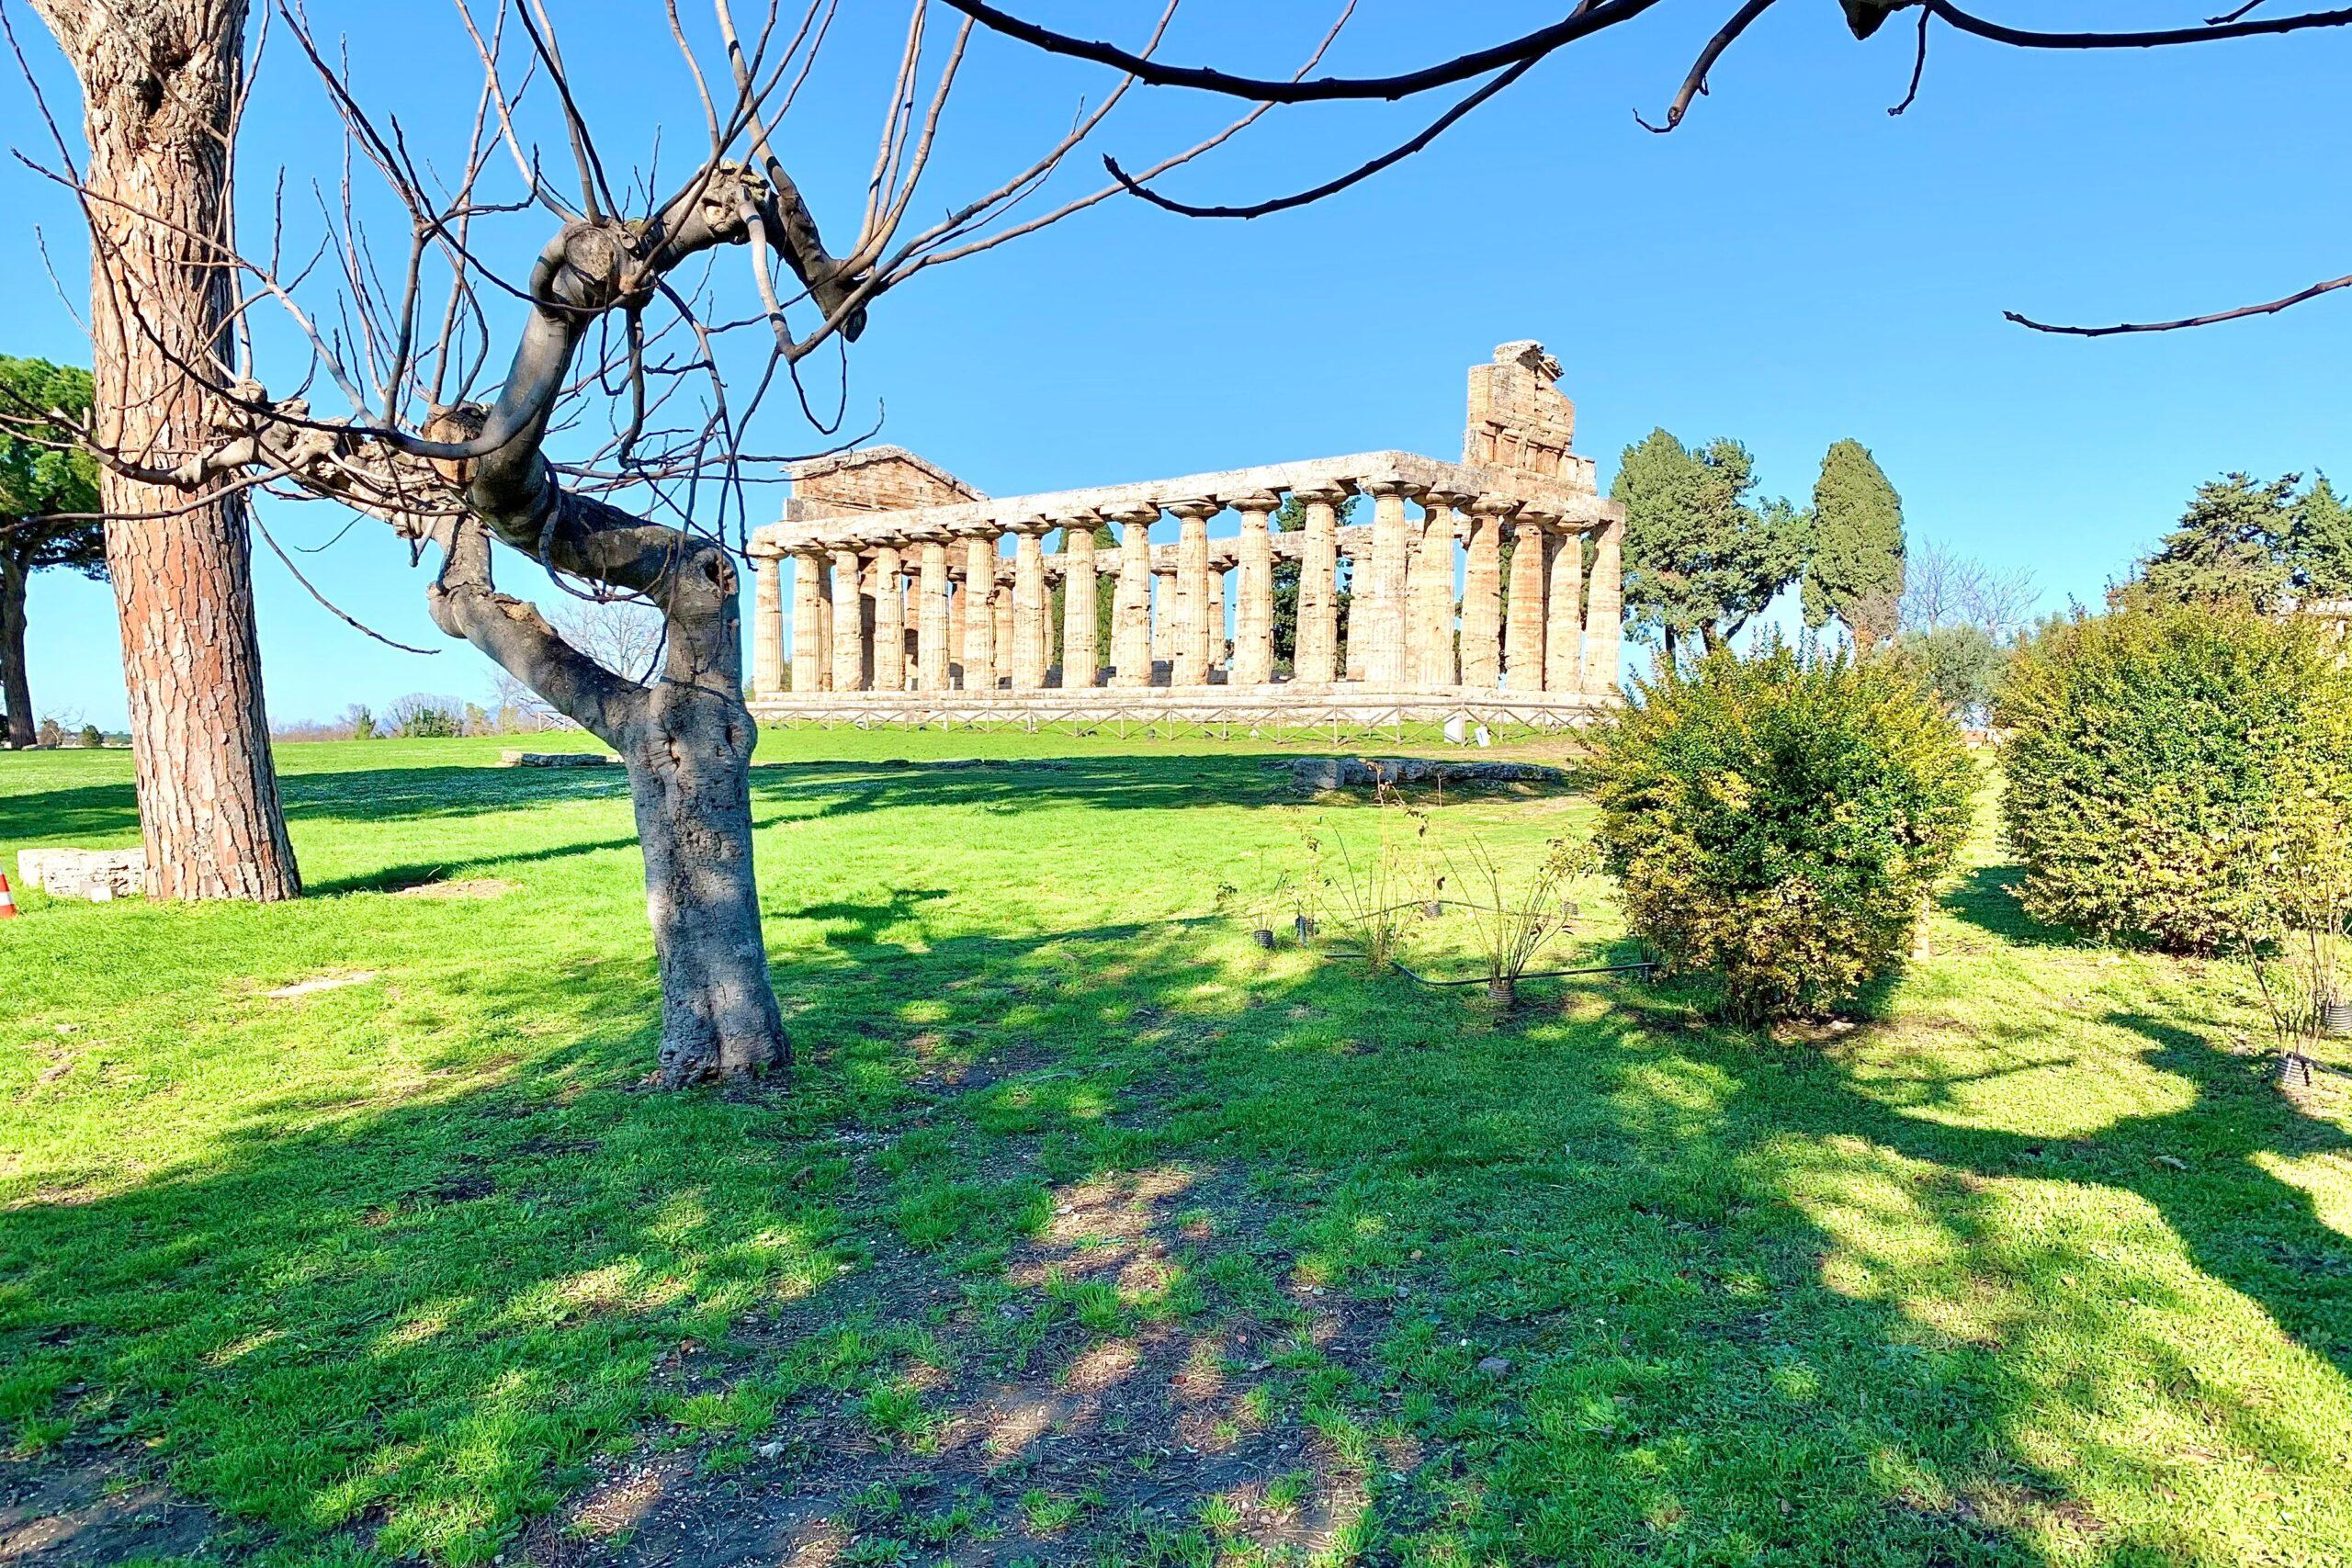 Il Parco Archeologico di Paestum e Velia riapre le porte ai visitatori